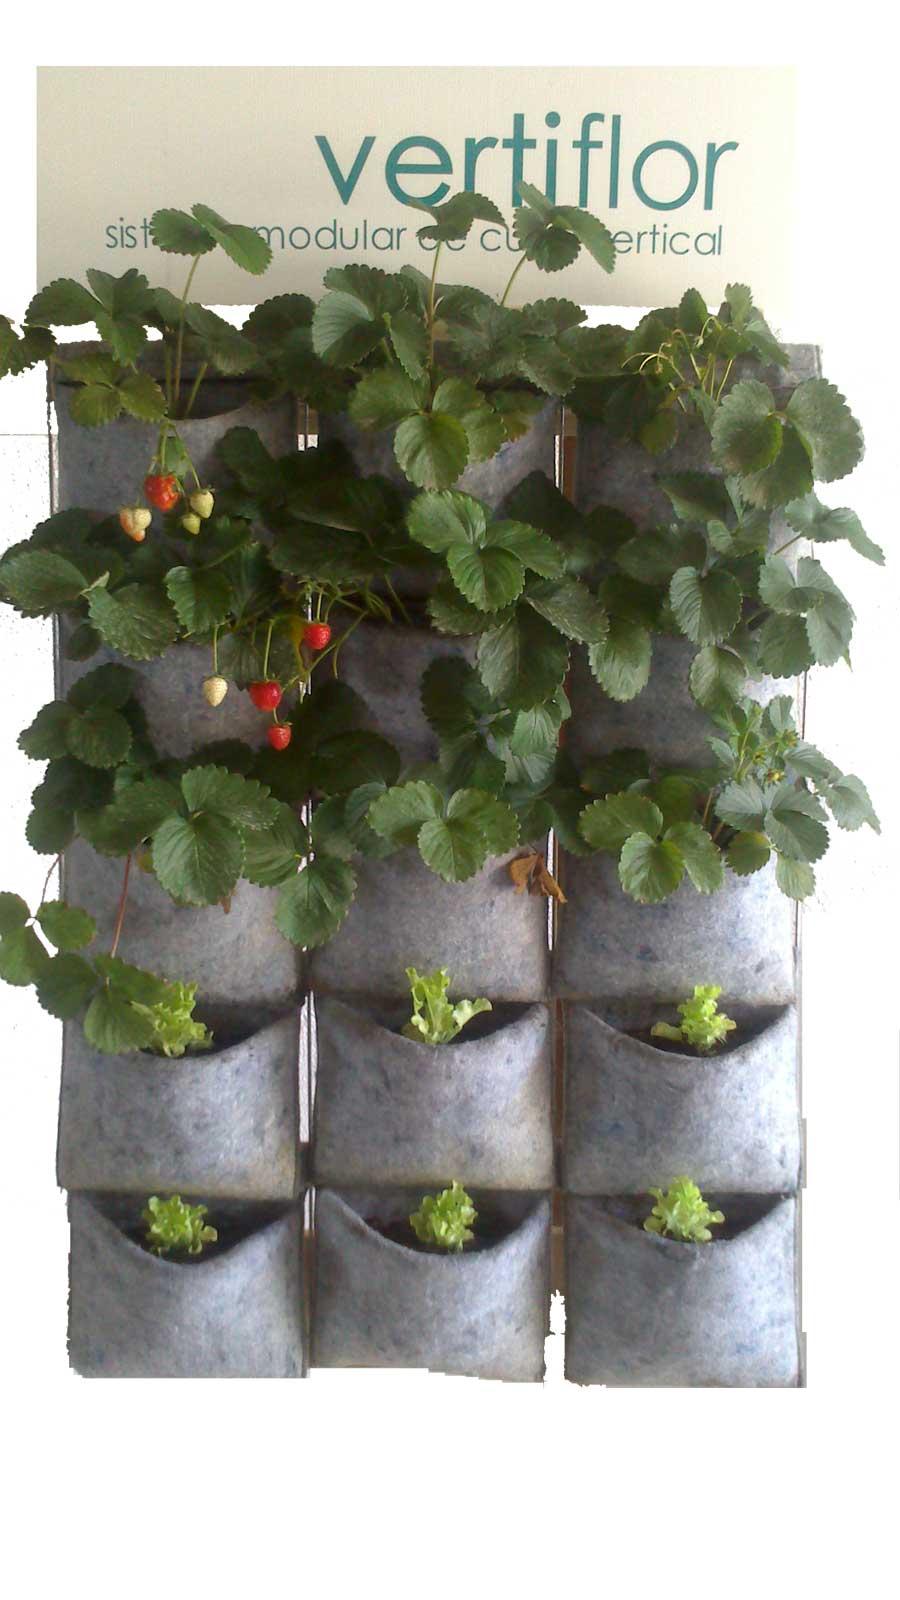 Vertiflor cultivo vertical 15 macetas for Cultivos verticales definicion